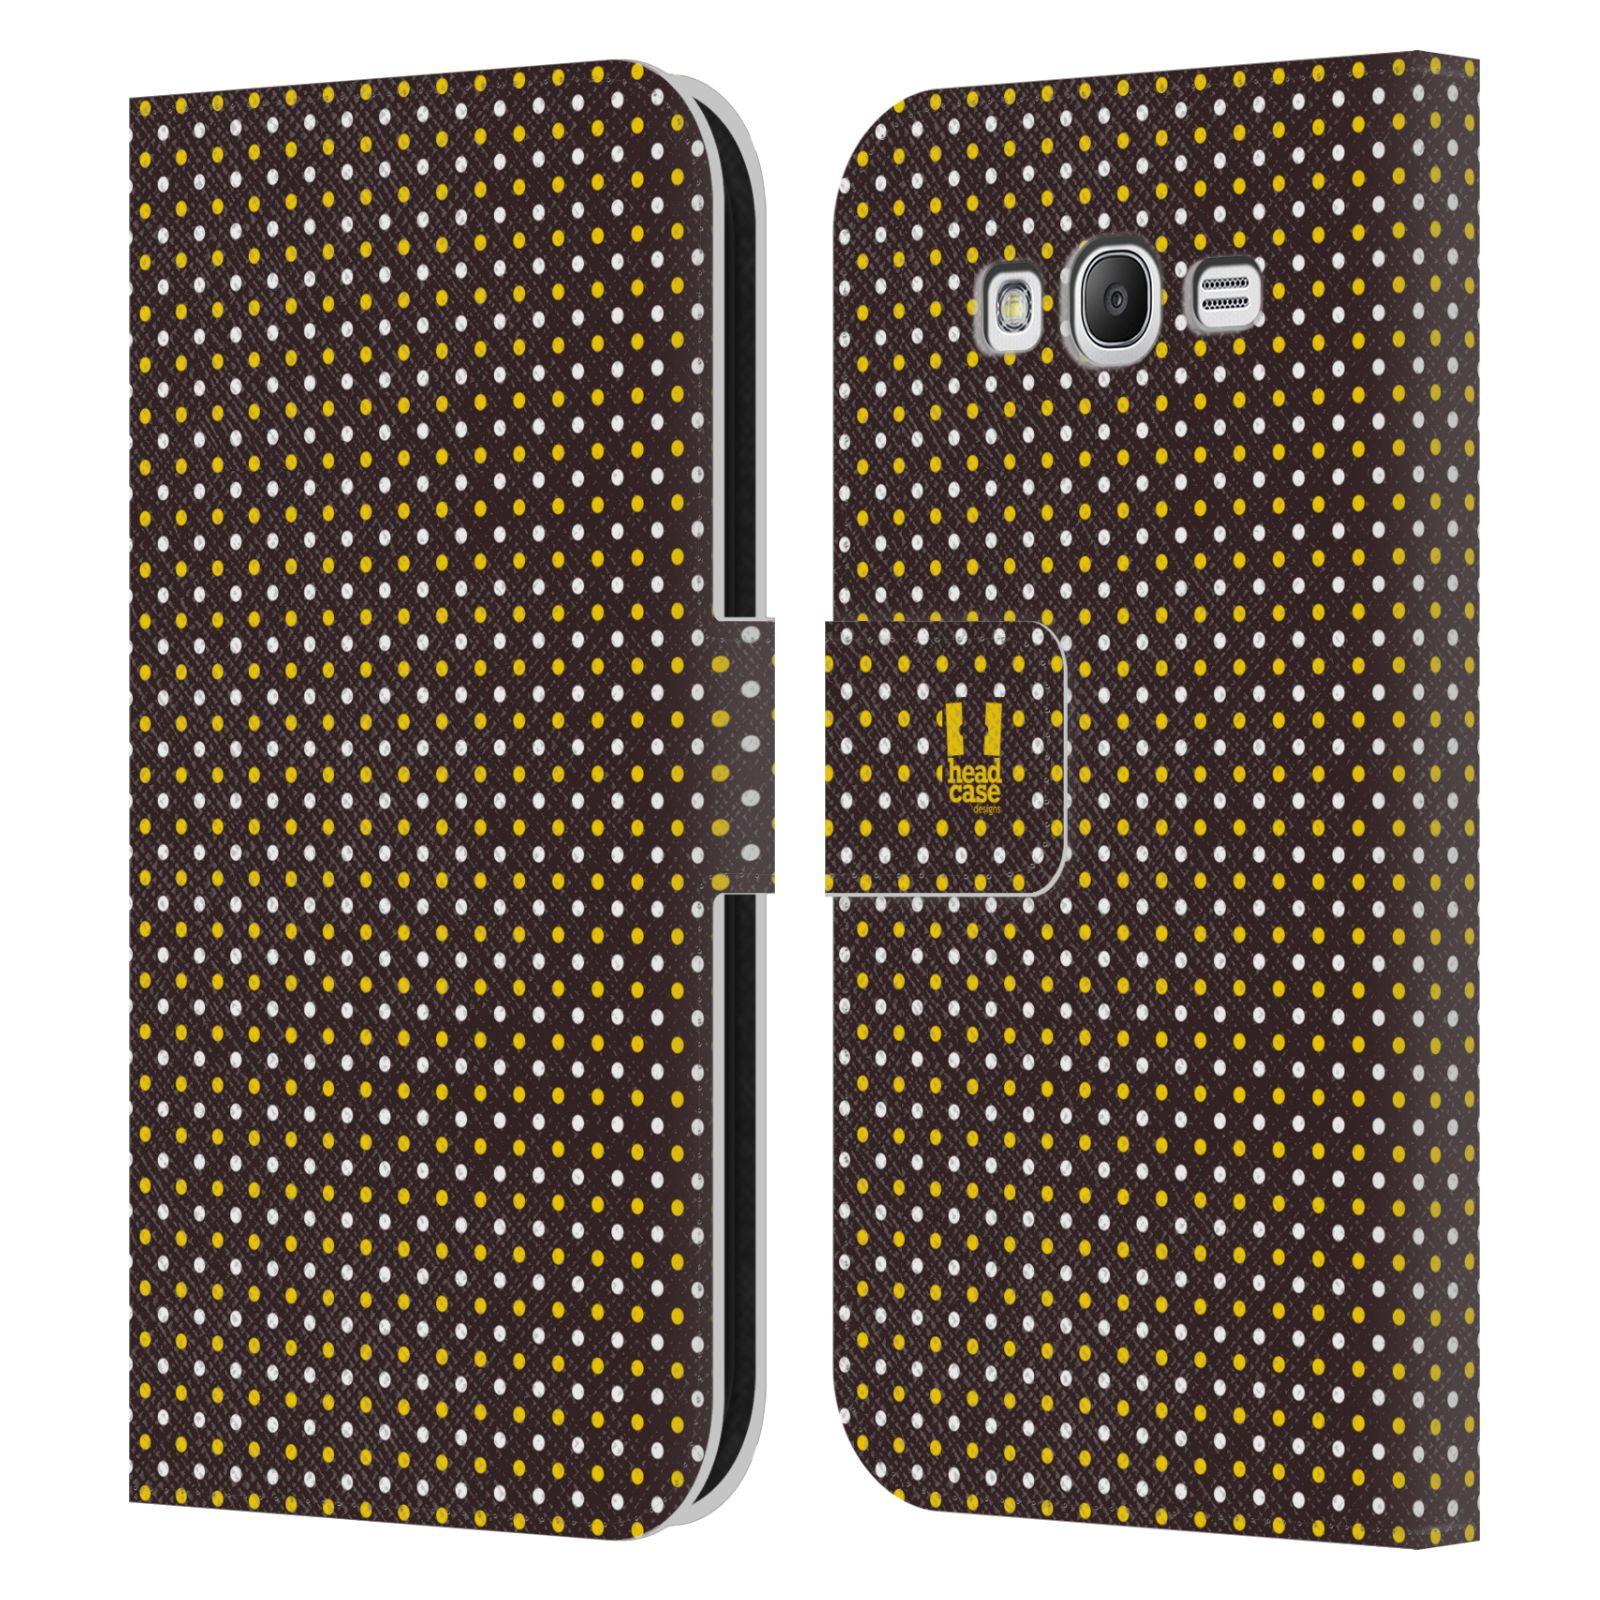 HEAD CASE Flipové pouzdro pro mobil Samsung Galaxy Grand i9080 VČELÍ VZOR puntíky hnědá a žlutá